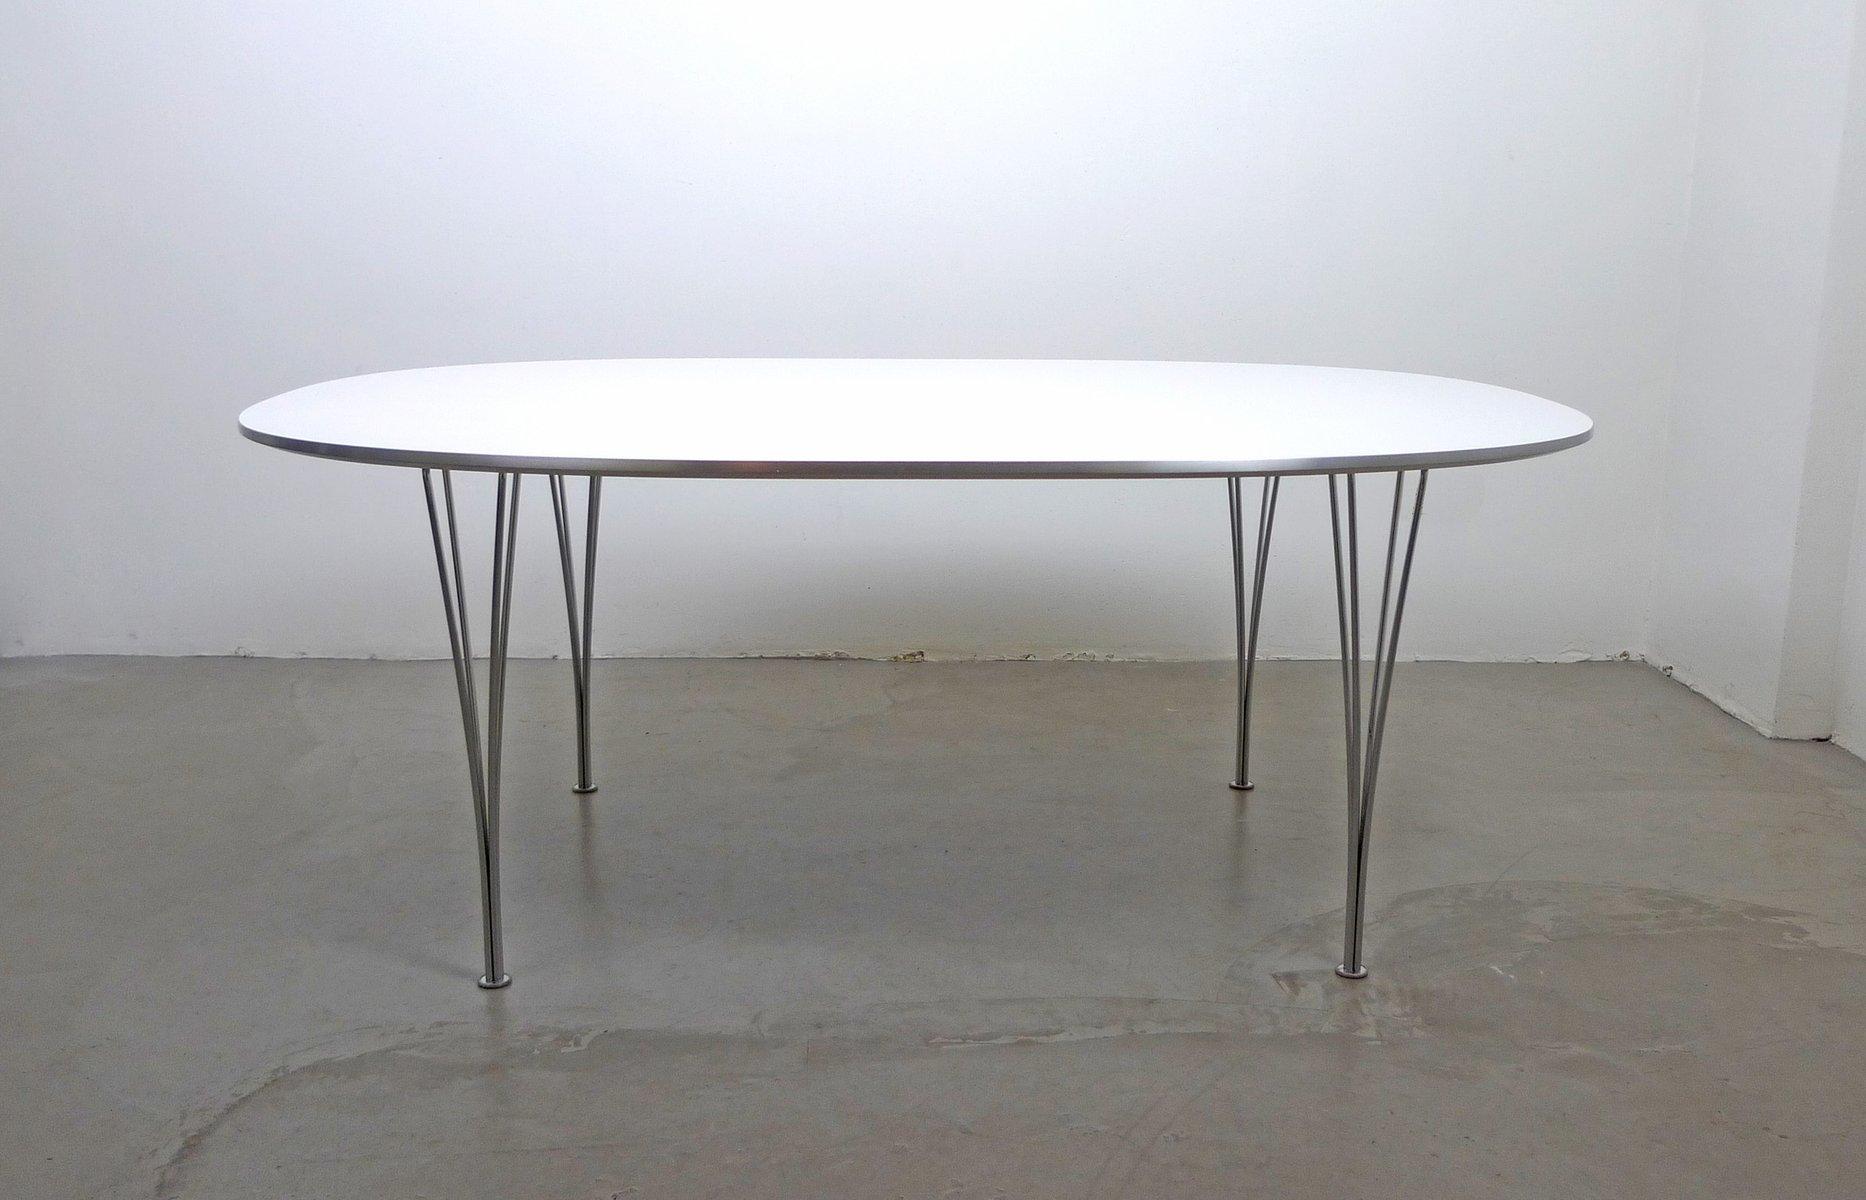 Skandinavischer Moderner Elliptical Tisch Von Piet Hein, Bruno Mathsson Und  Arne Jacobsen Für Fritz Hansen, 1968 Images